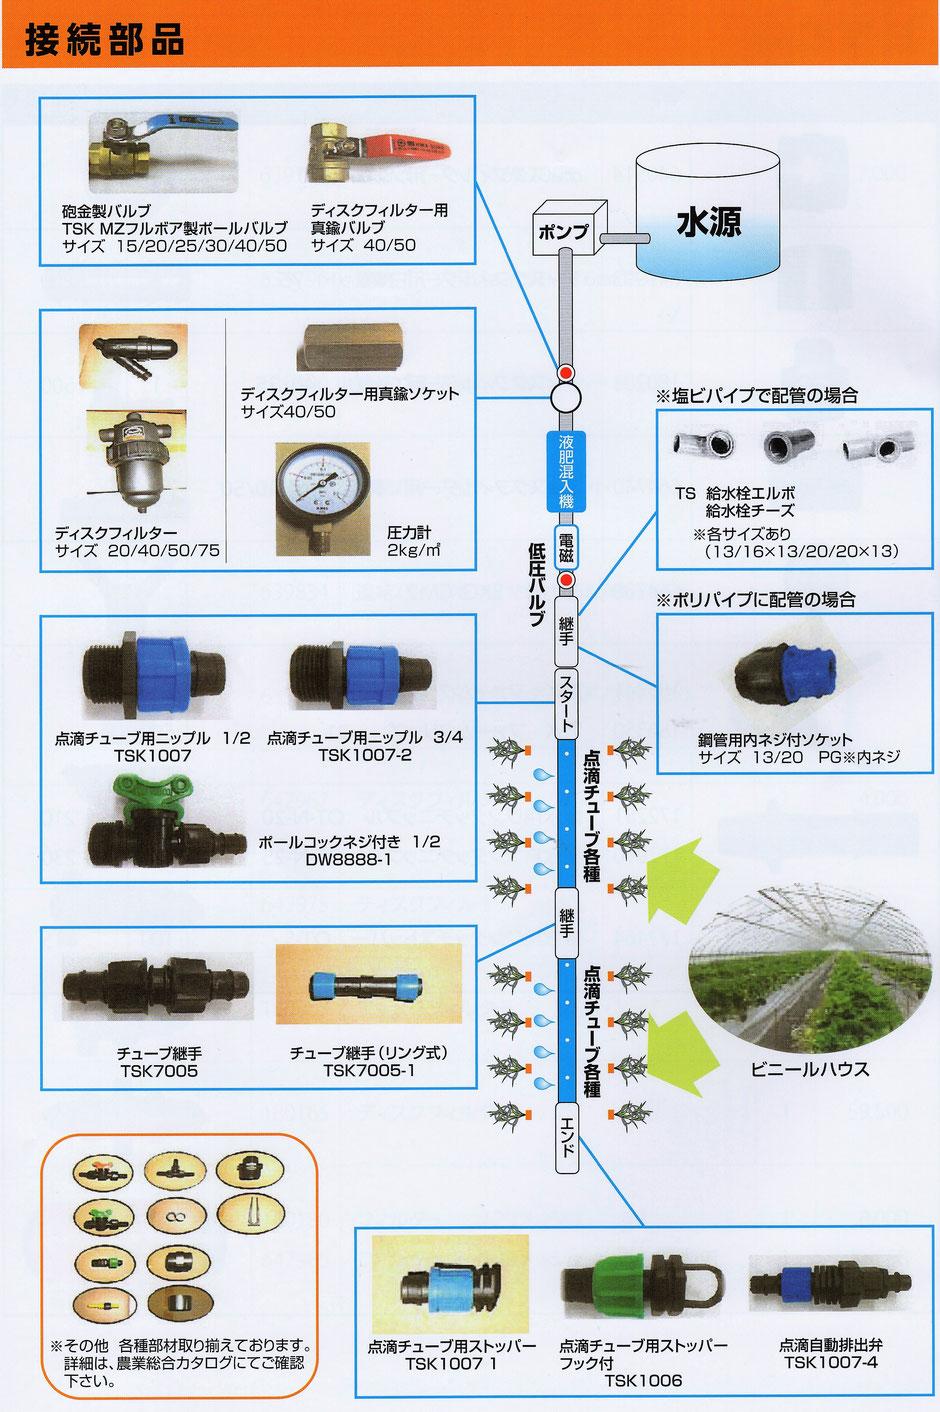 格安な灌漑用のチューブ部品の定価表です。